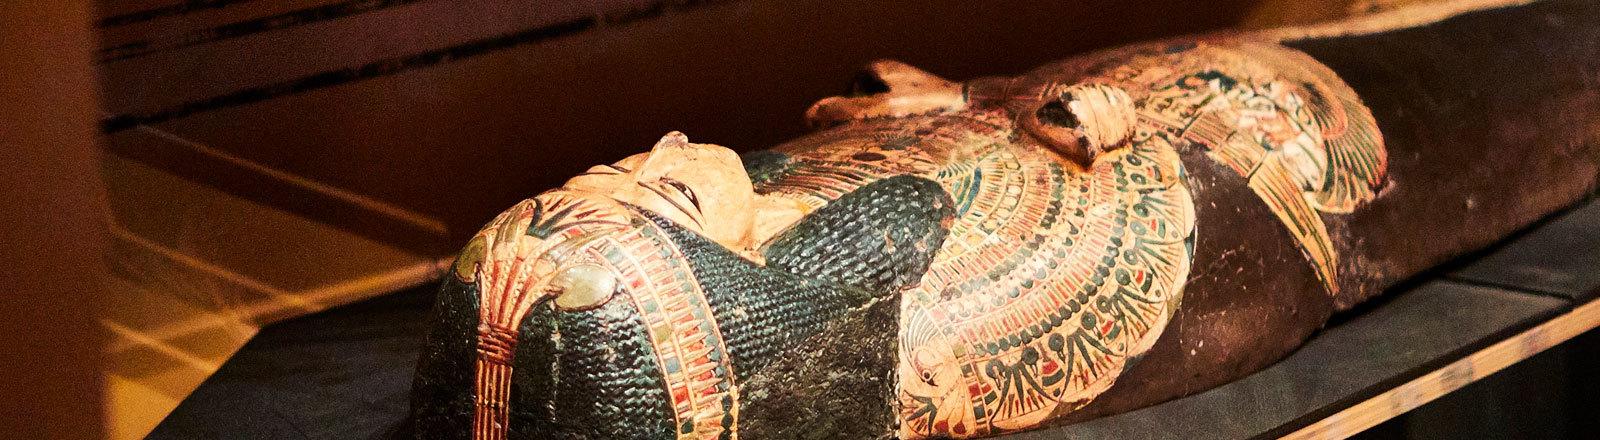 Foto einer Mumie im Leeds City Museum